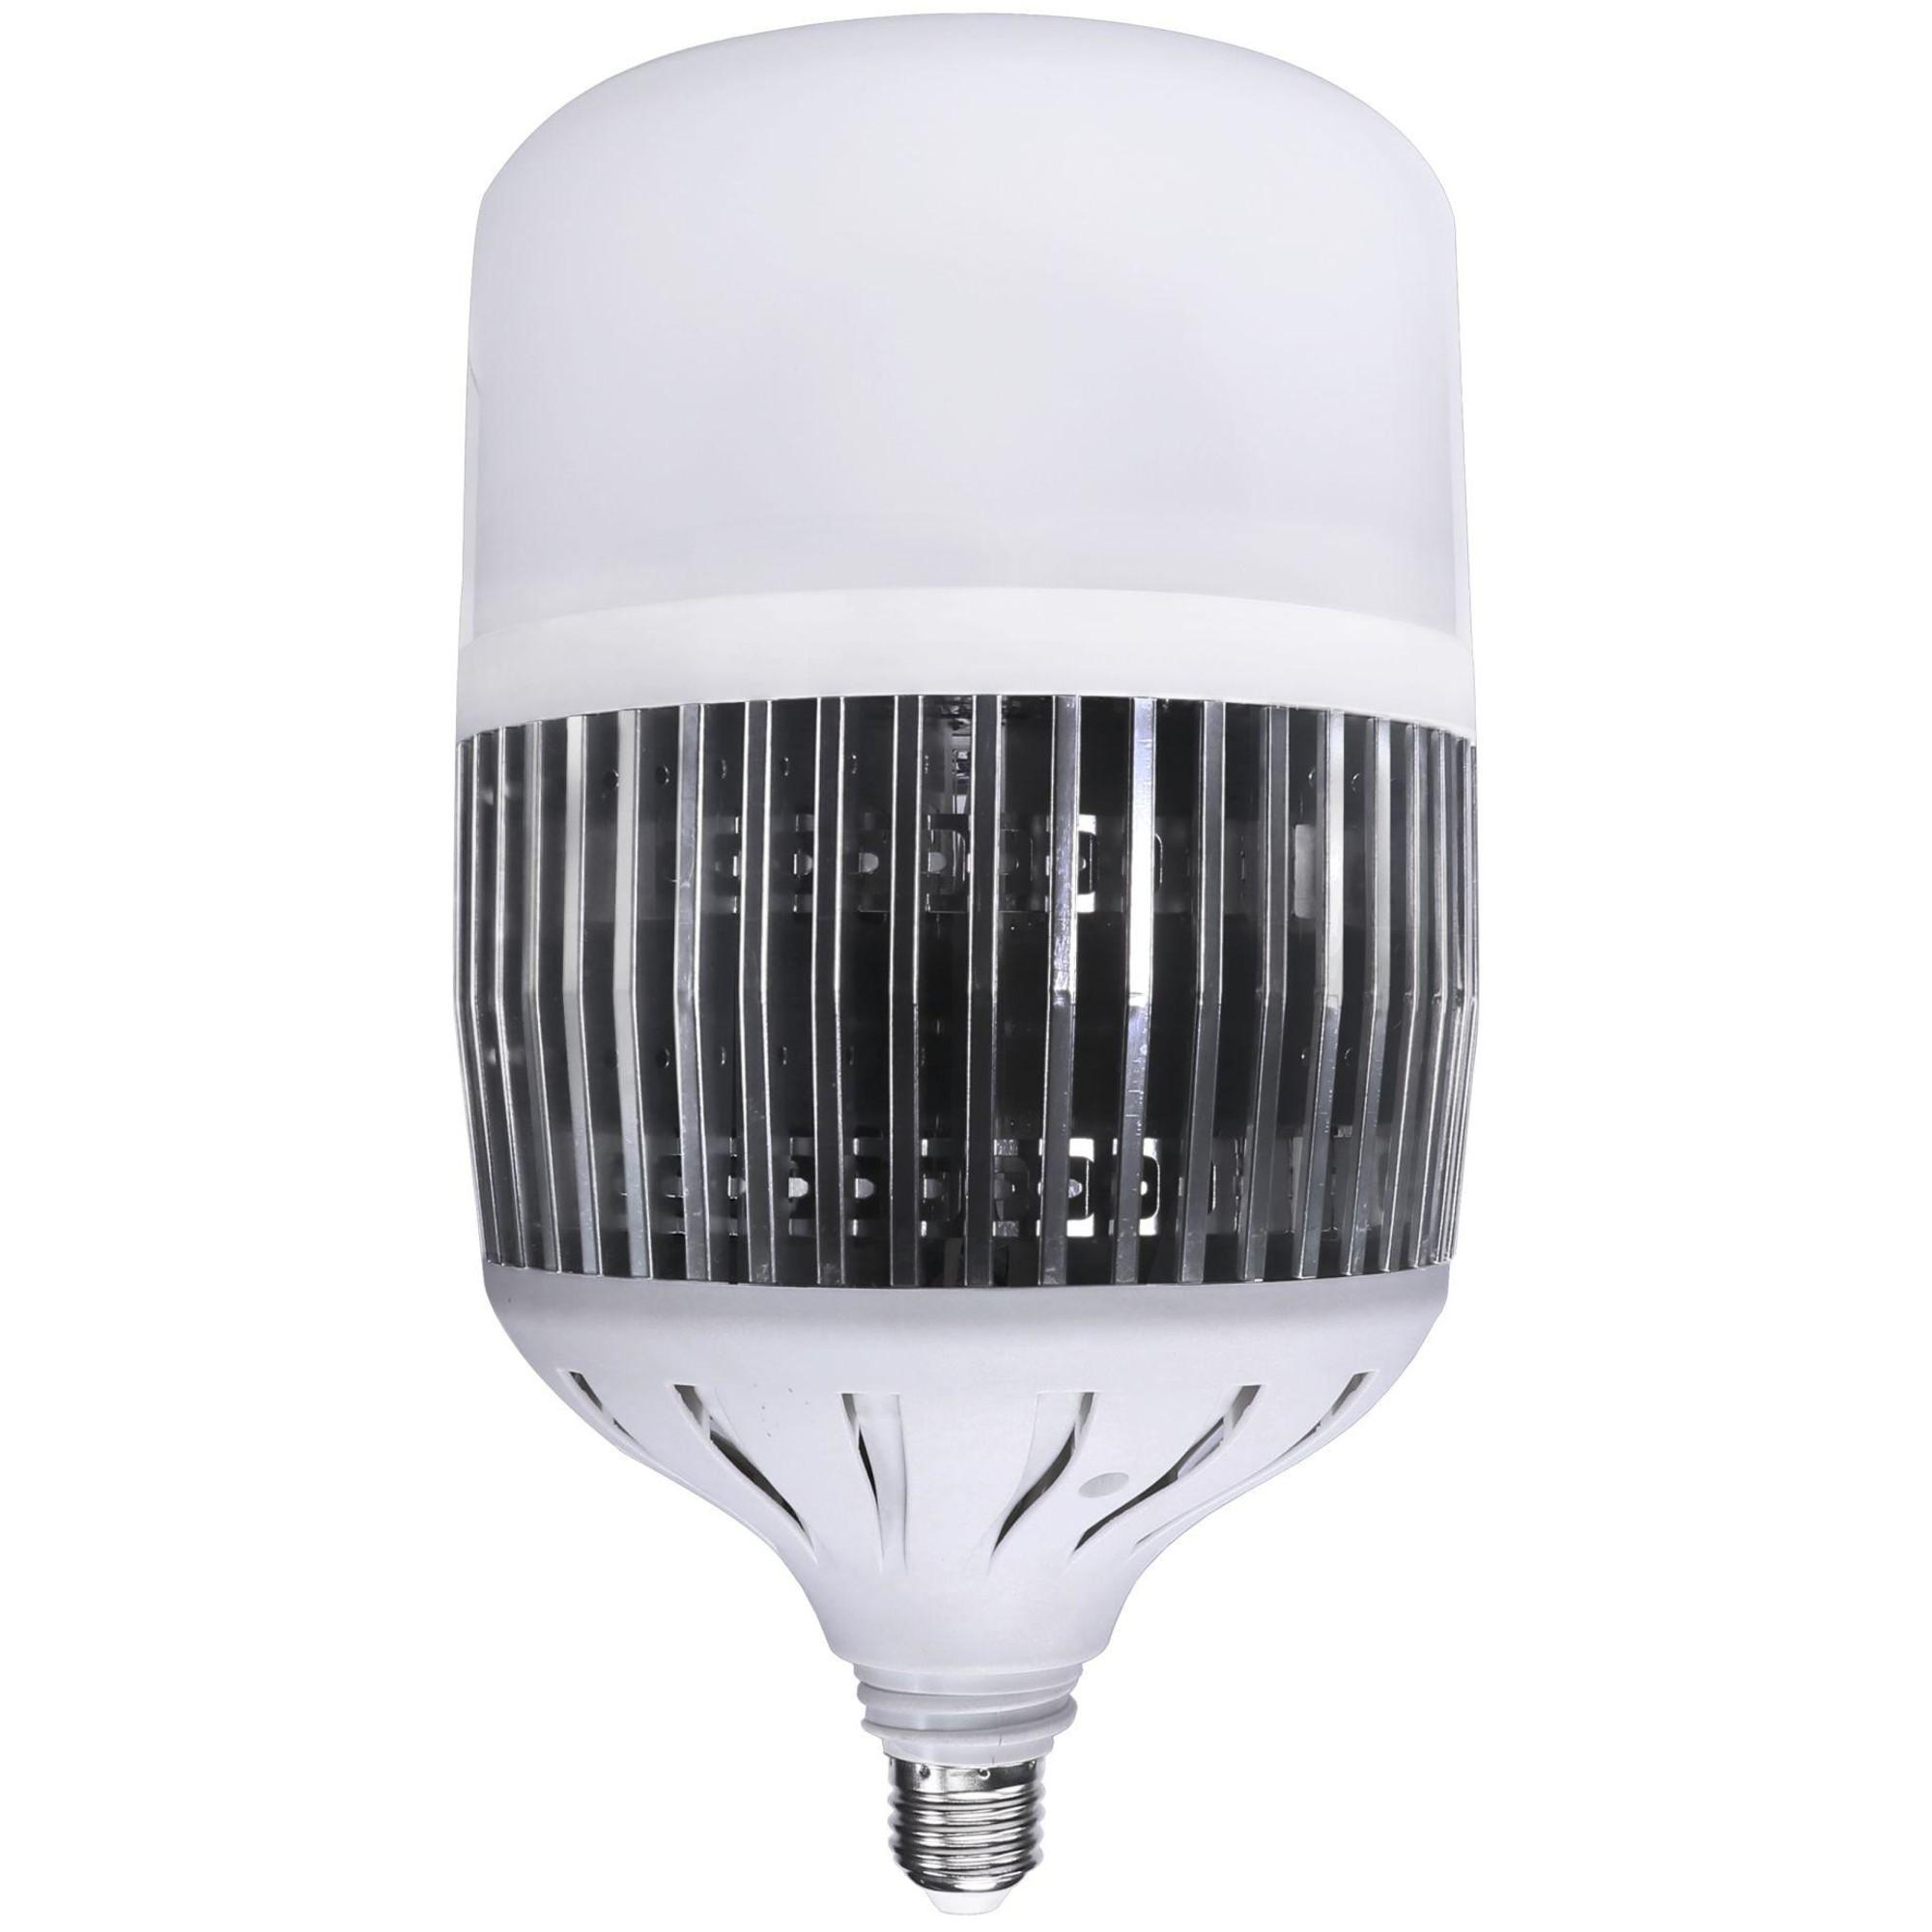 Лампа Ecola Premium светодионая E27 150 Вт 13500 Лм нейтральный свет